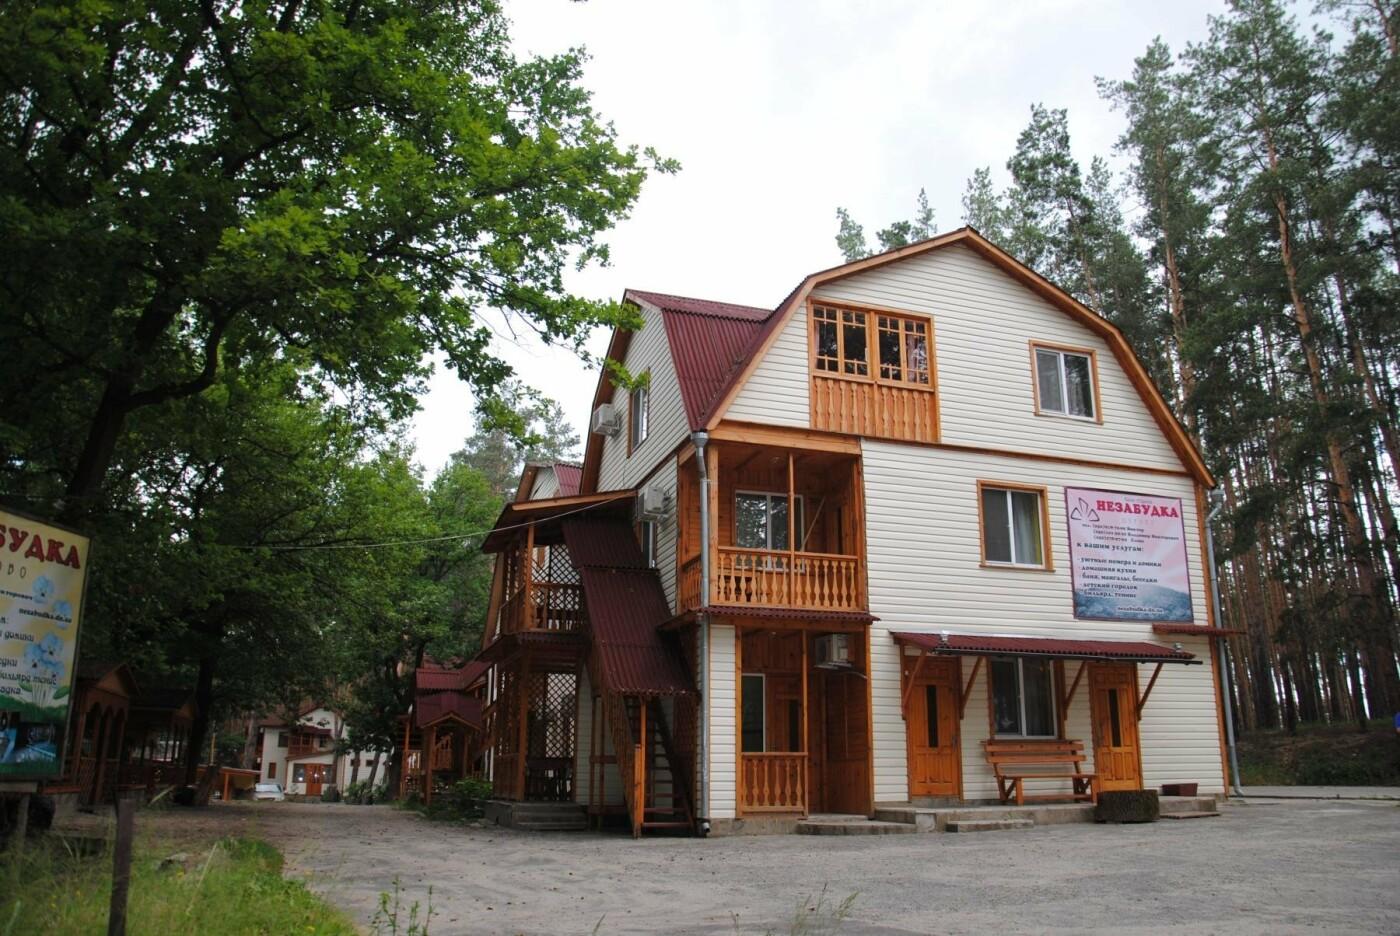 Отдых за городом в Харькове: базы отдыха, санатории, пляжные комплексы и бассейны, фото-89